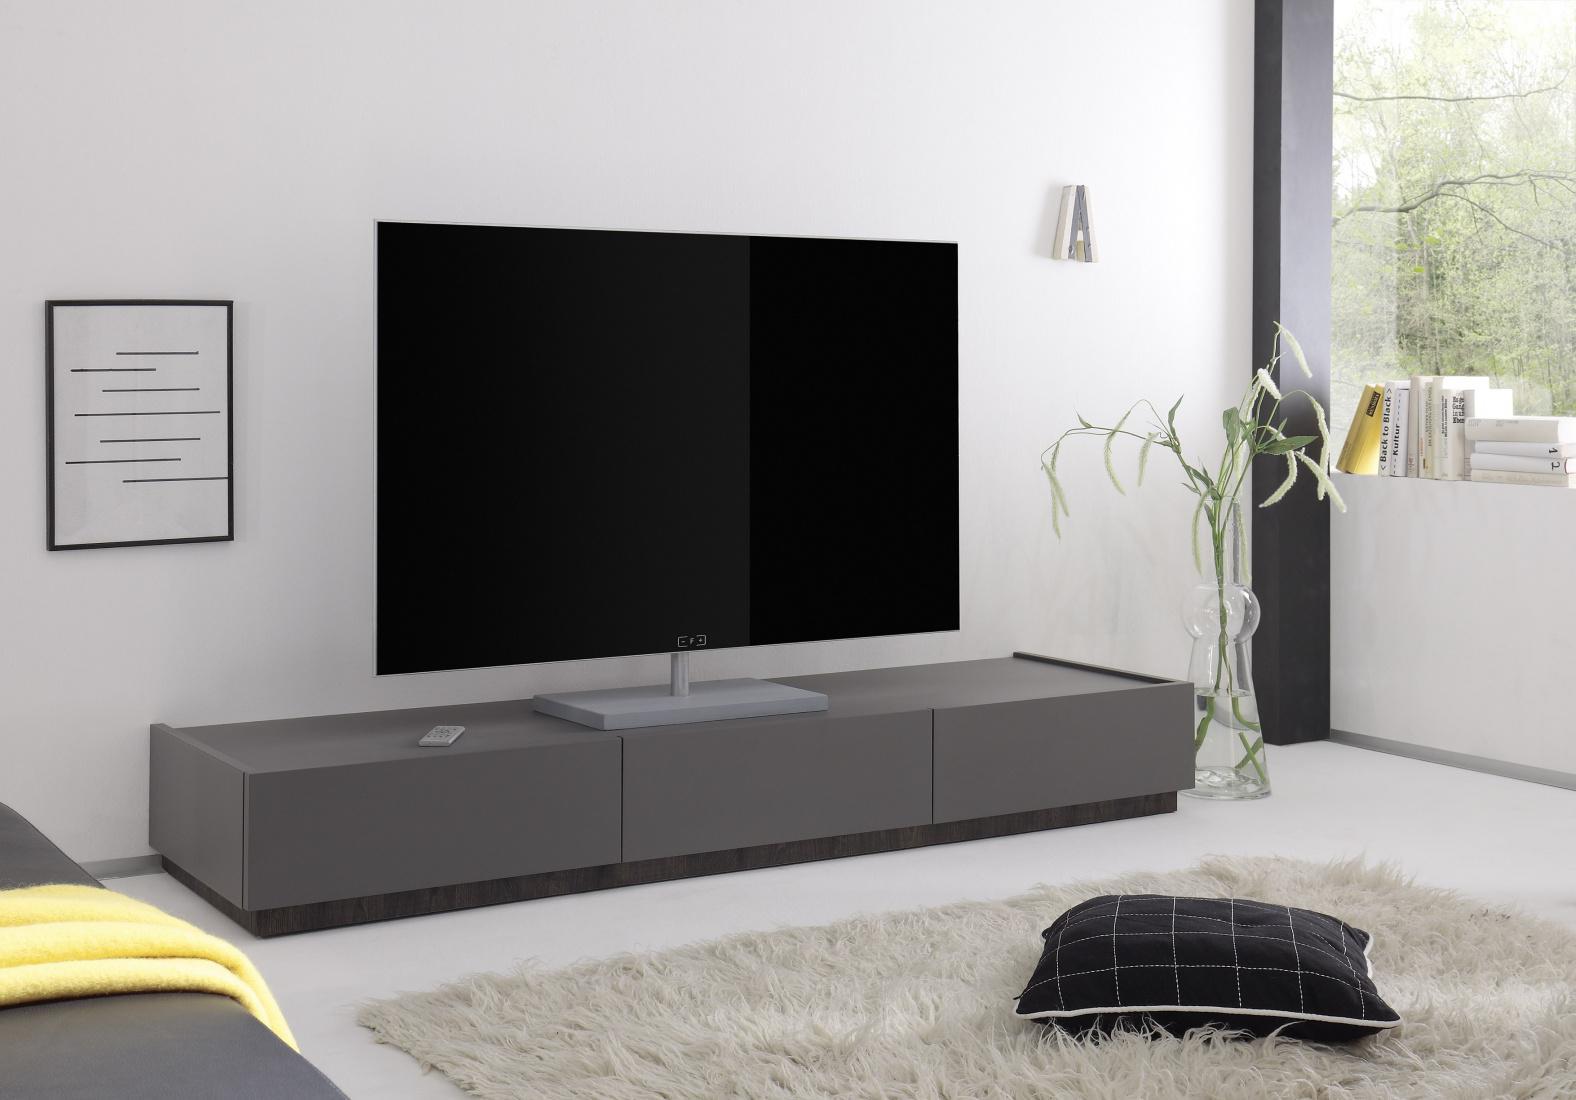 tv lowboard bloom in anthrazit wenge kaufen bei m bel lux. Black Bedroom Furniture Sets. Home Design Ideas